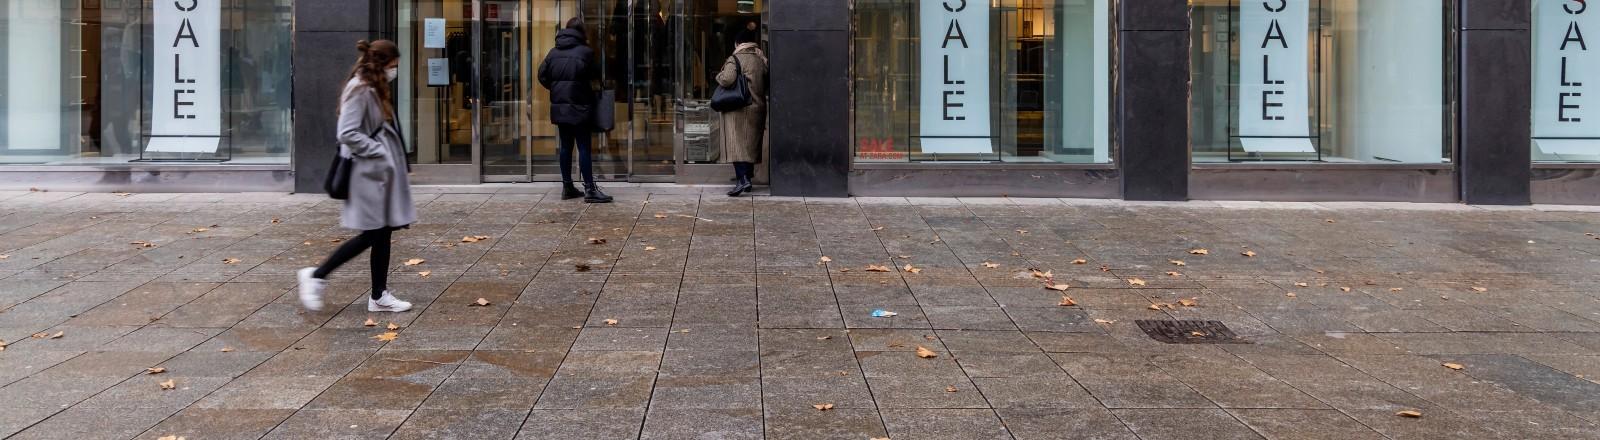 Eine Frau läuft mit einem Mund-Nasen-Schutz durch eine leere Fußgängerzone.